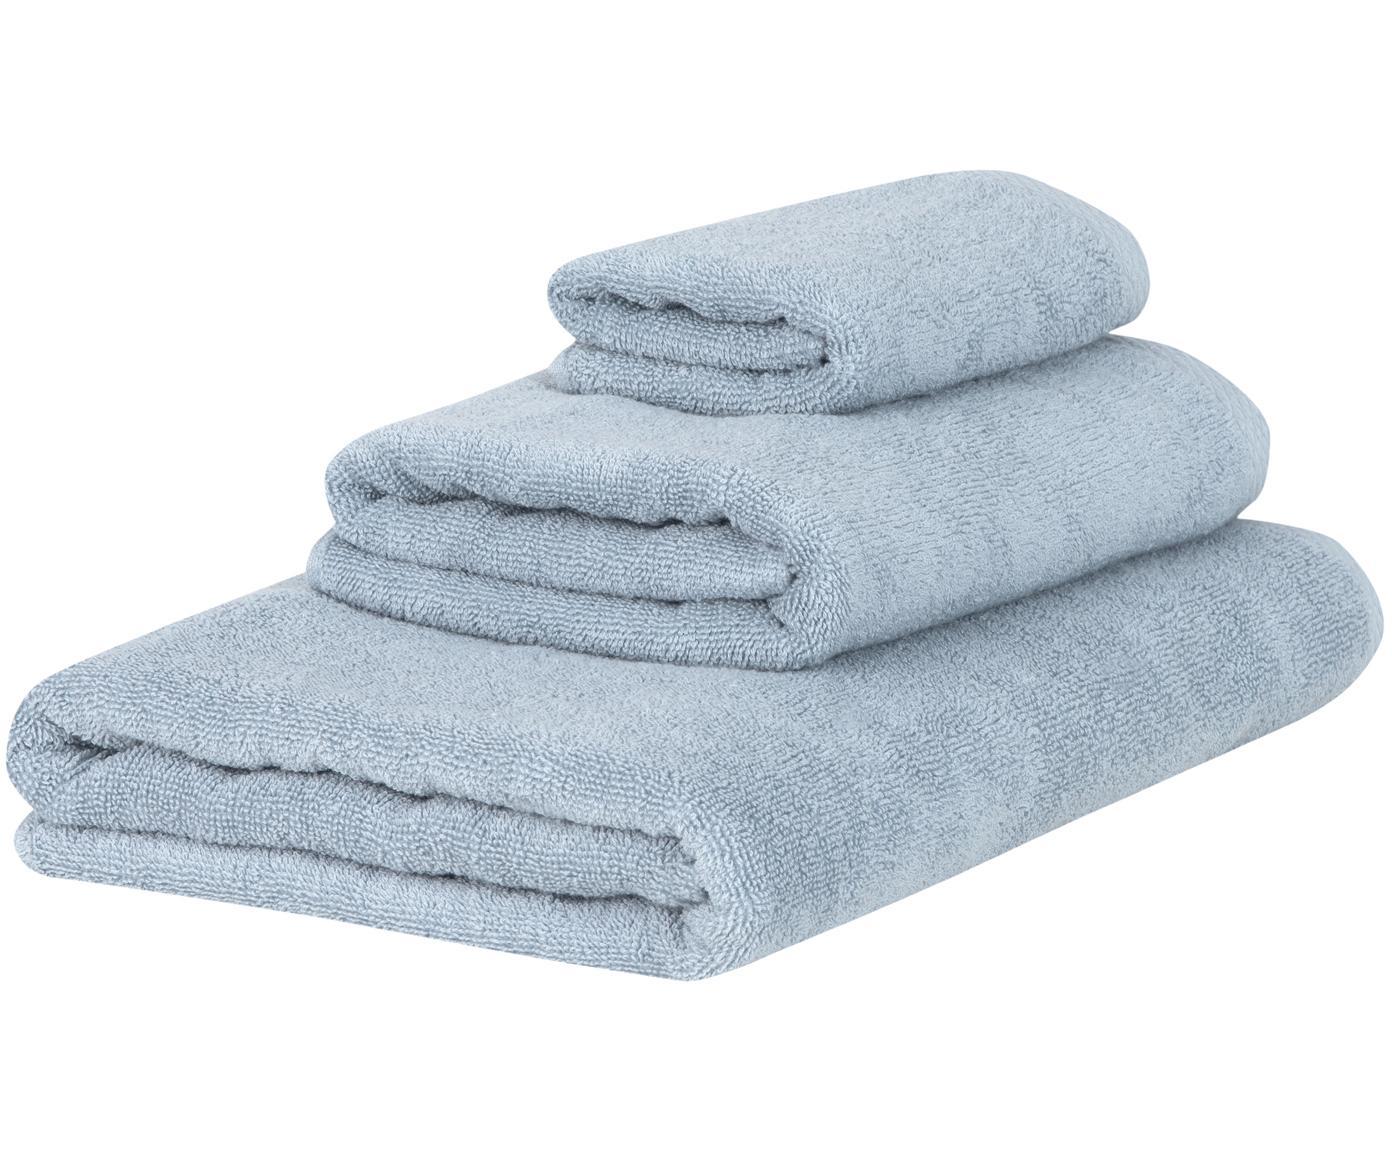 Handdoekenset Comfort, 3-delig, 100% katoen, middelzware kwaliteit, 450 g/m², Lichtblauw, Verschillende formaten